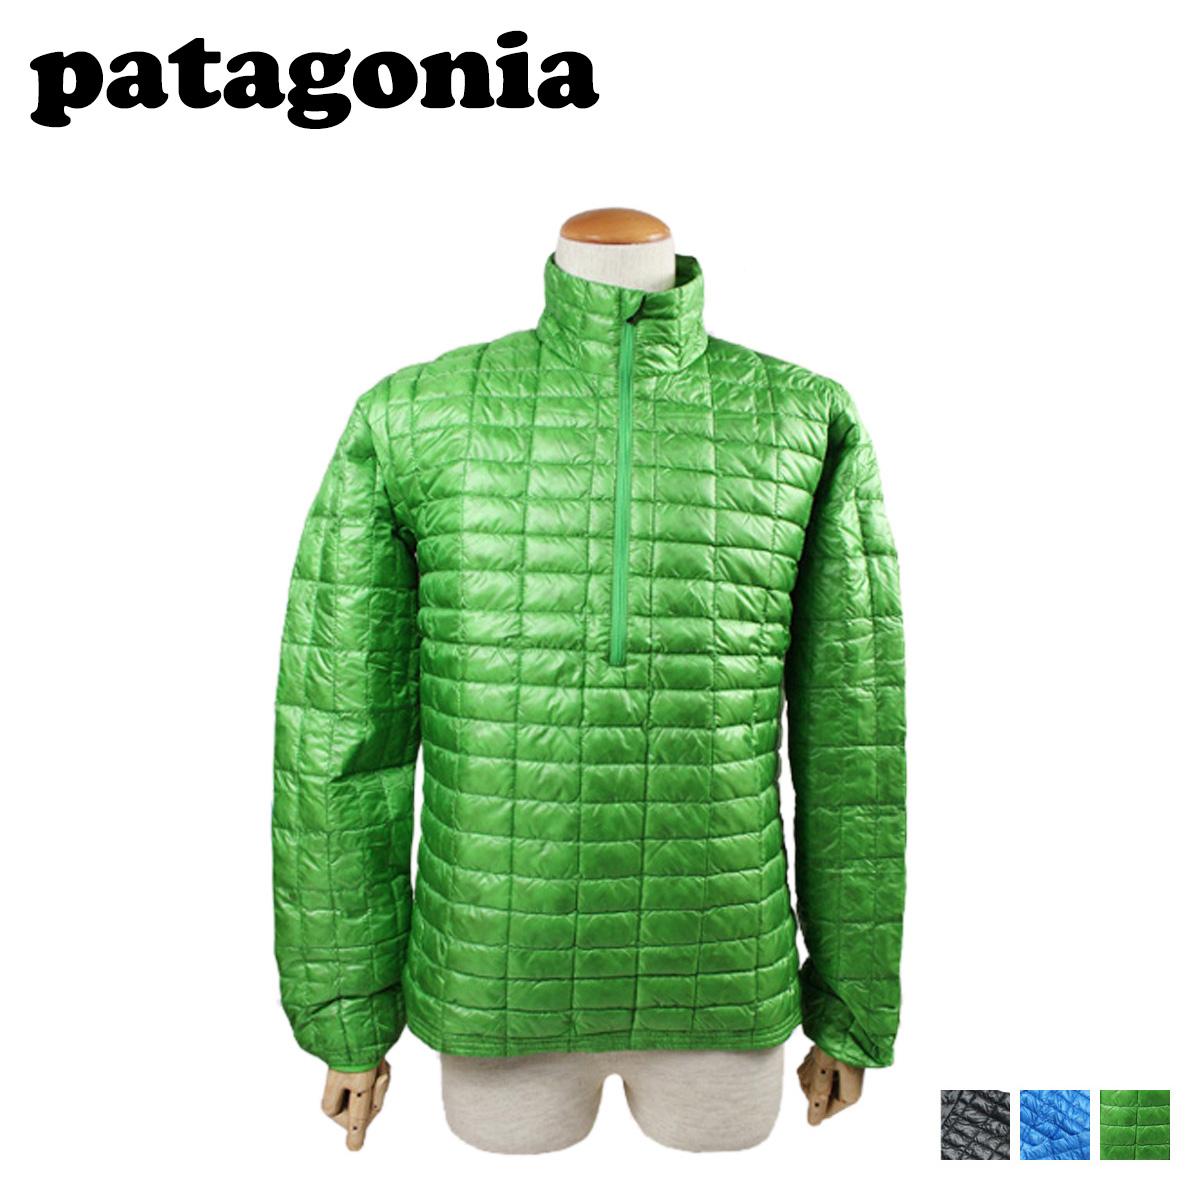 2 x 3 点颜色巴塔哥尼亚巴塔哥尼亚超下来夹克 84735 slimfit 巴塔哥尼亚男士超轻下来衬衫尼龙男士 [定期] 02P11Apr15